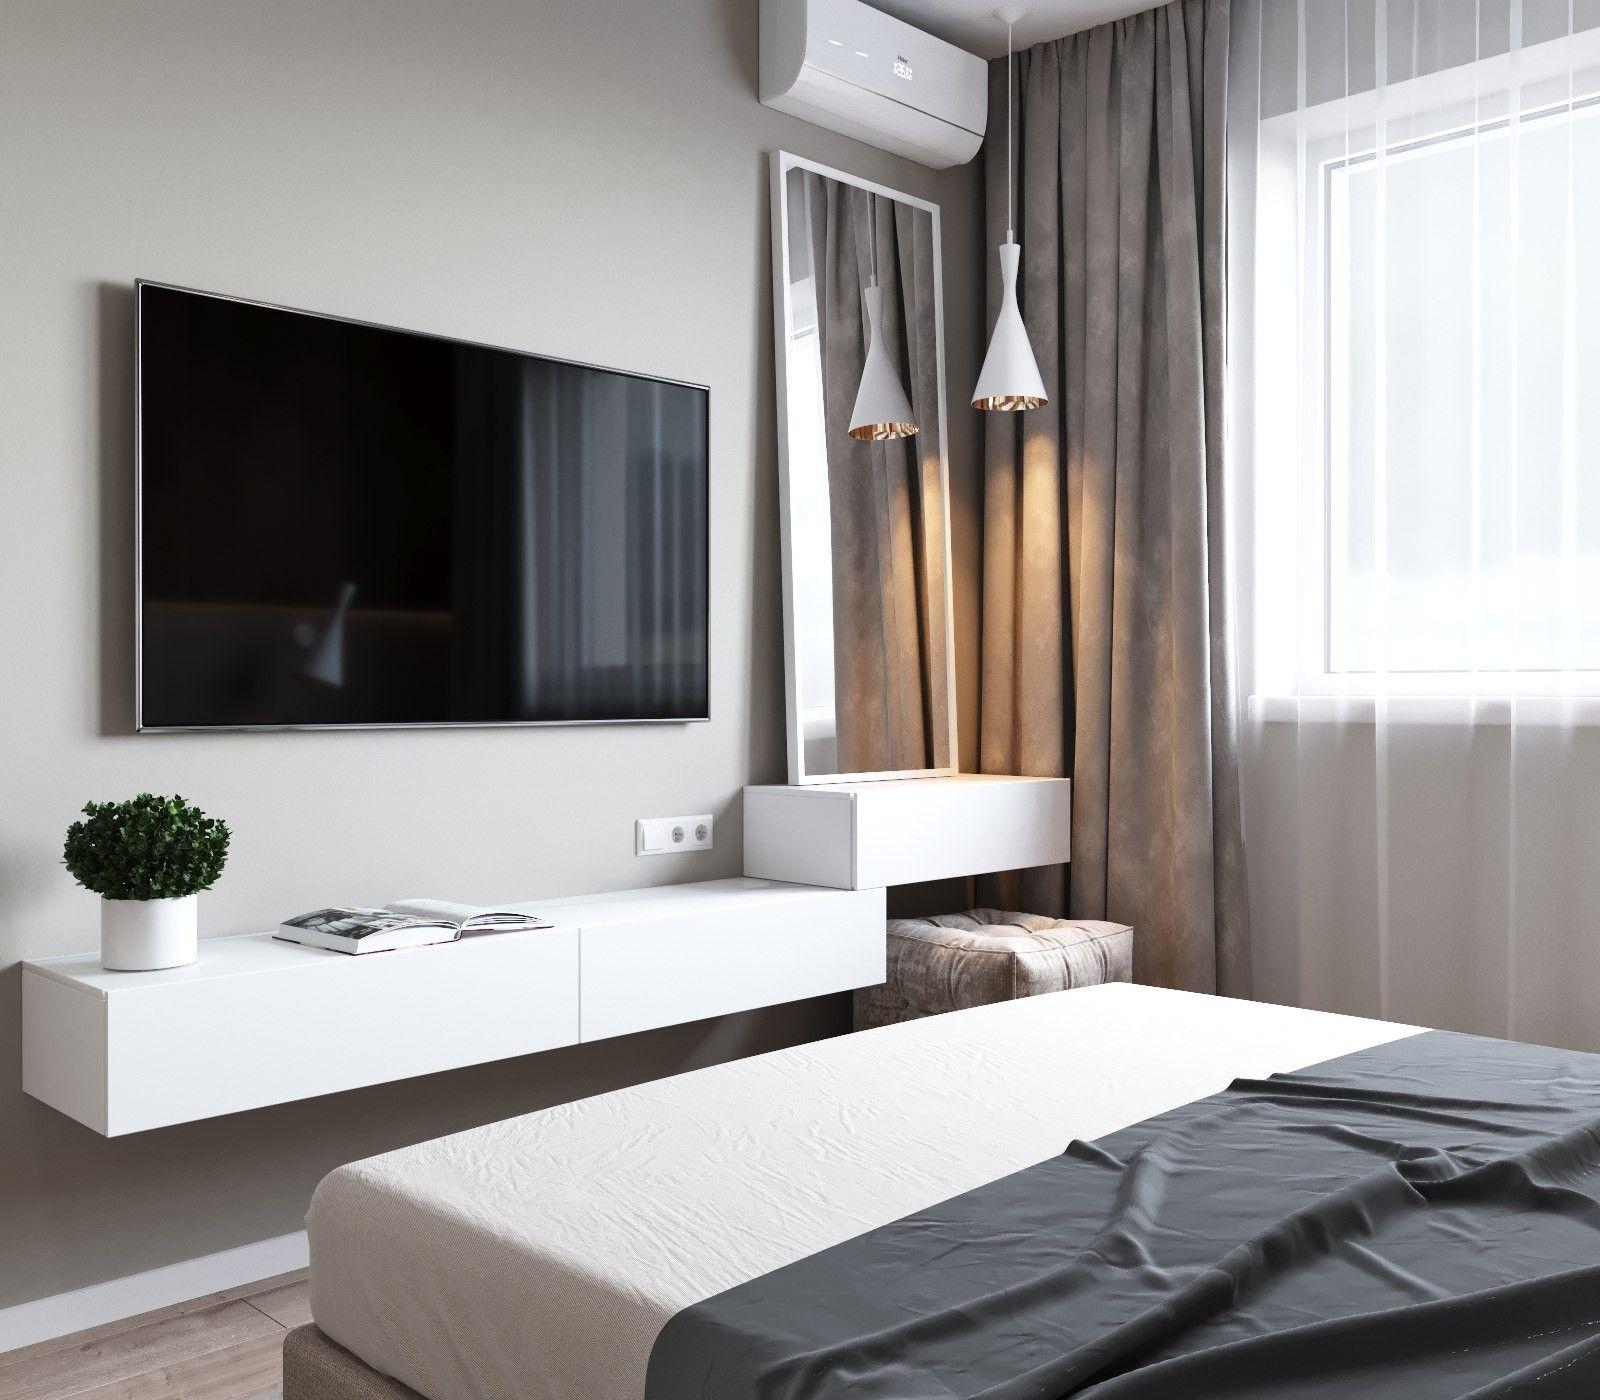 Malerisch Fernseher Für Schlafzimmer Dekoration Von Finde Diesen Pin Und Vieles Mehr Auf